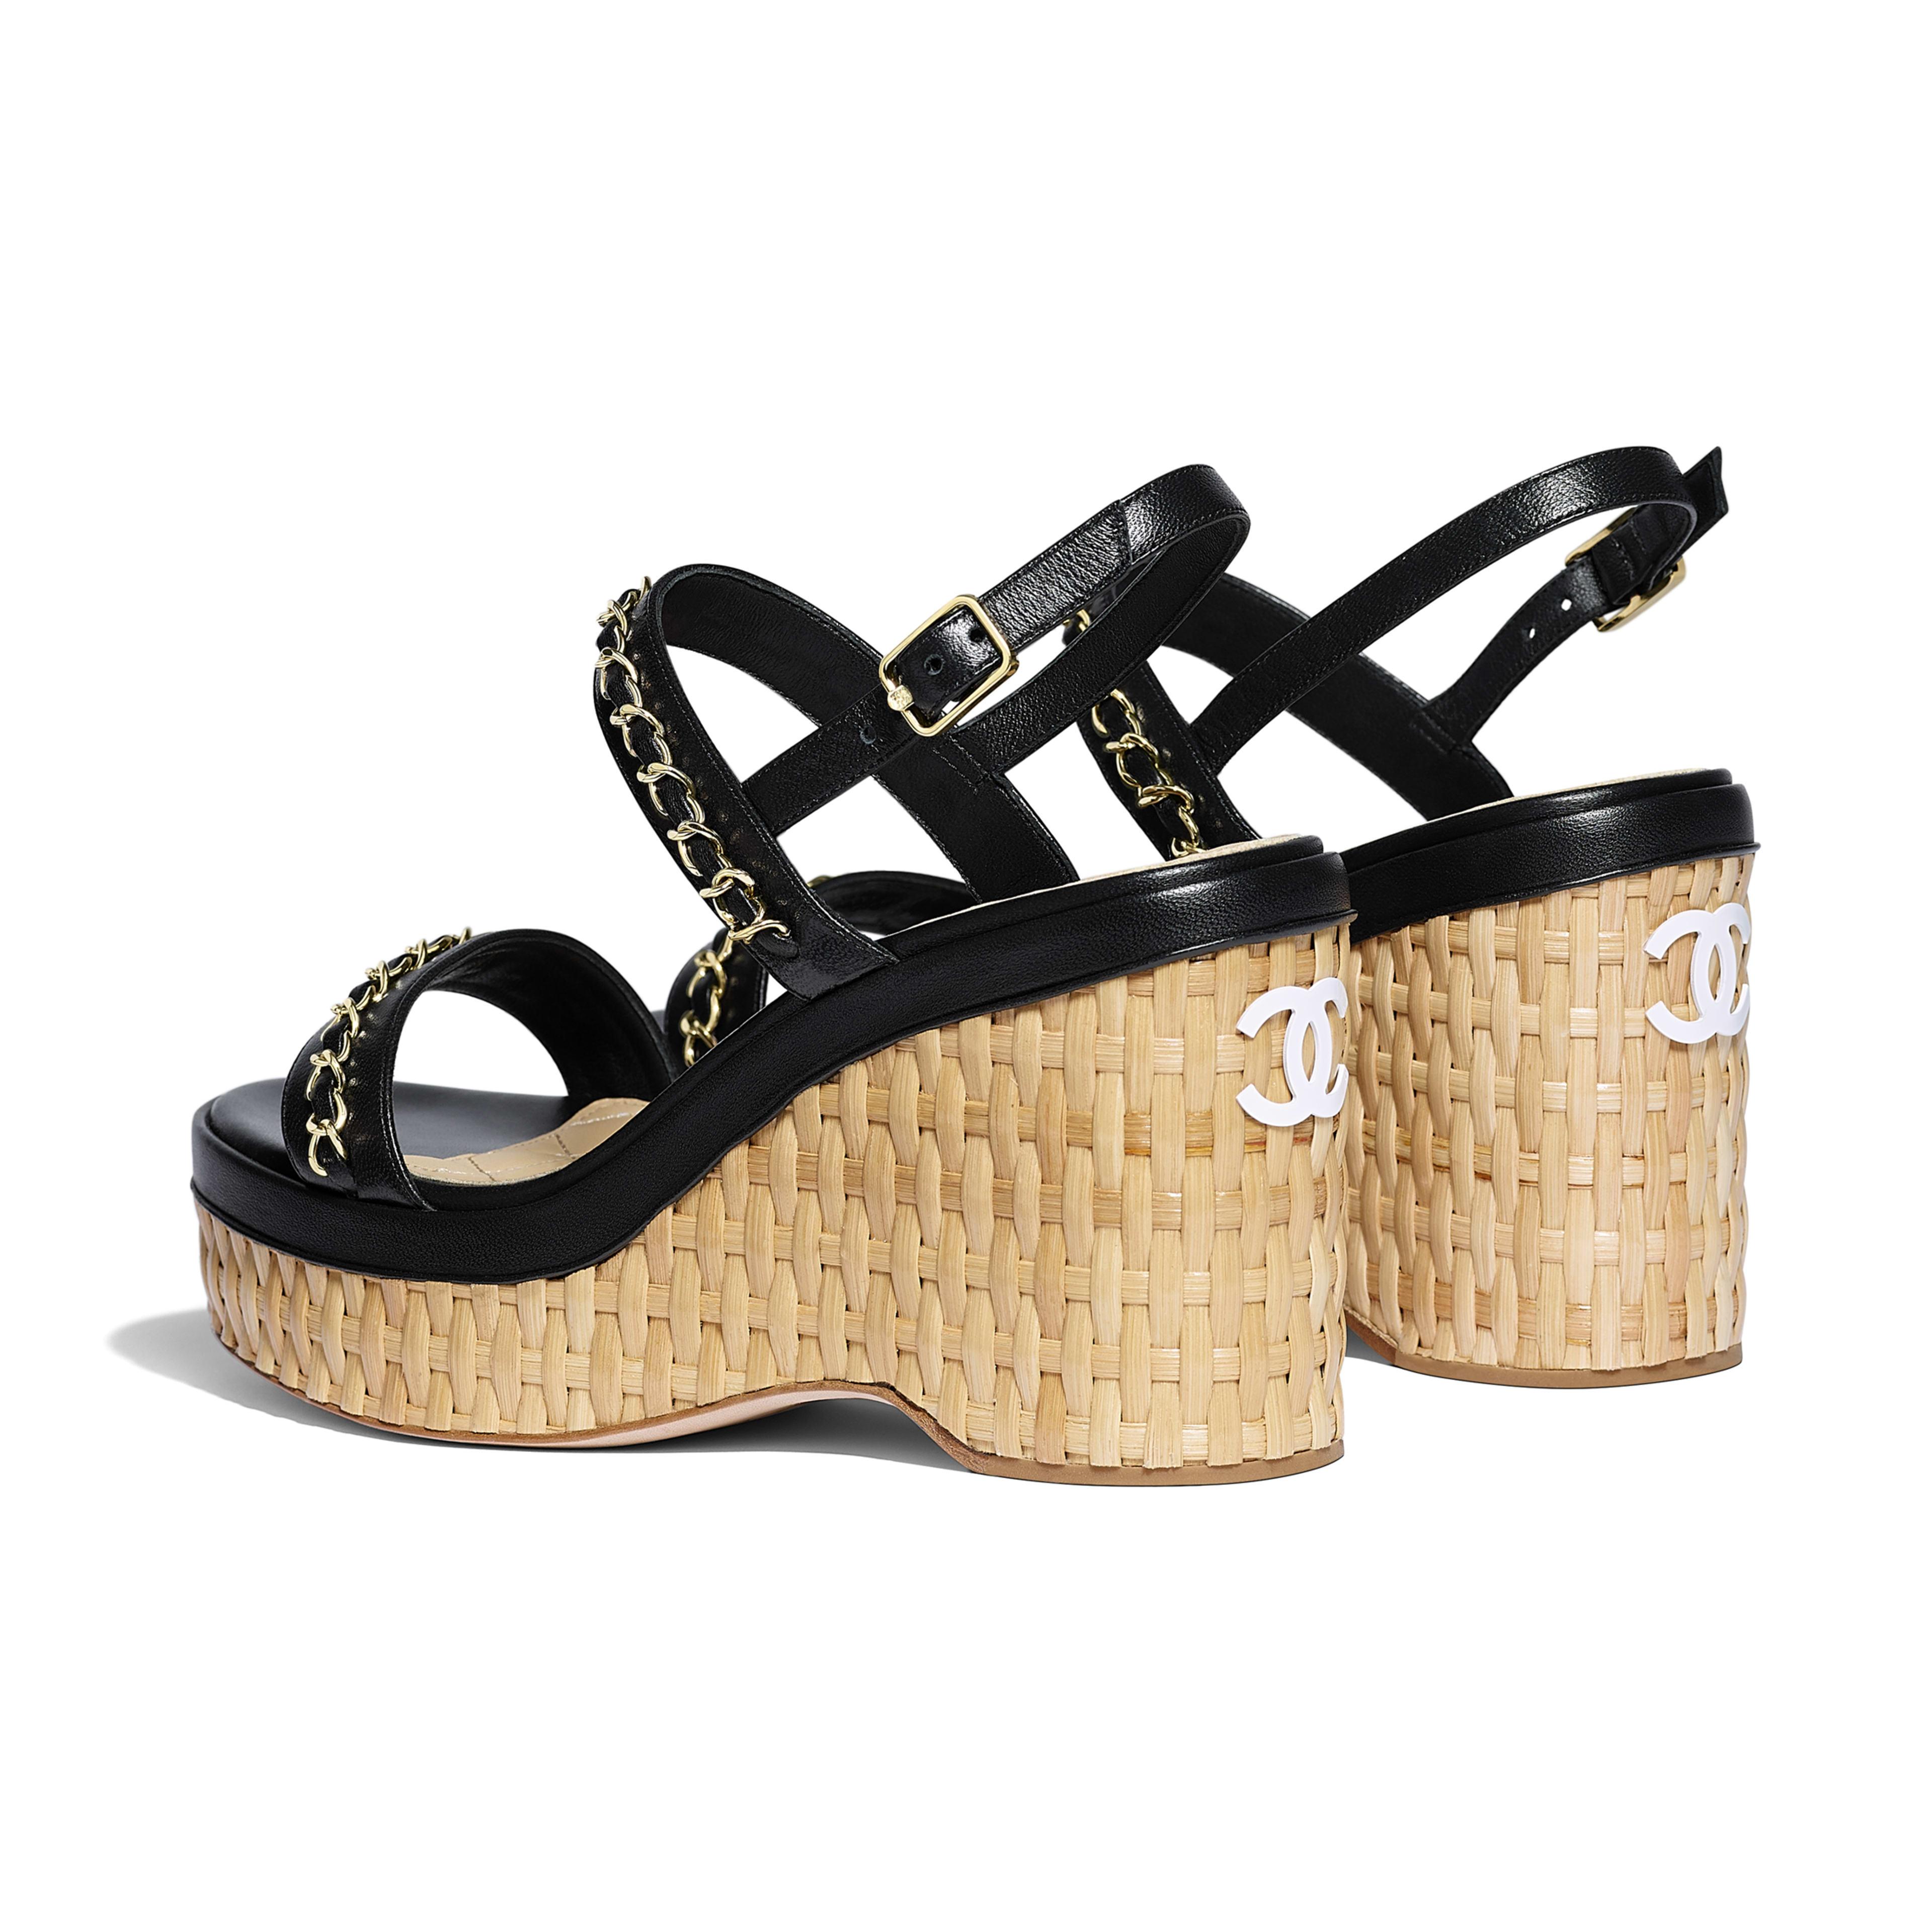 รองเท้าแซนดัลมีสายรัดส้น - สีดำ - หนังแกะ - มุมมองอื่น - ดูเวอร์ชันขนาดเต็ม